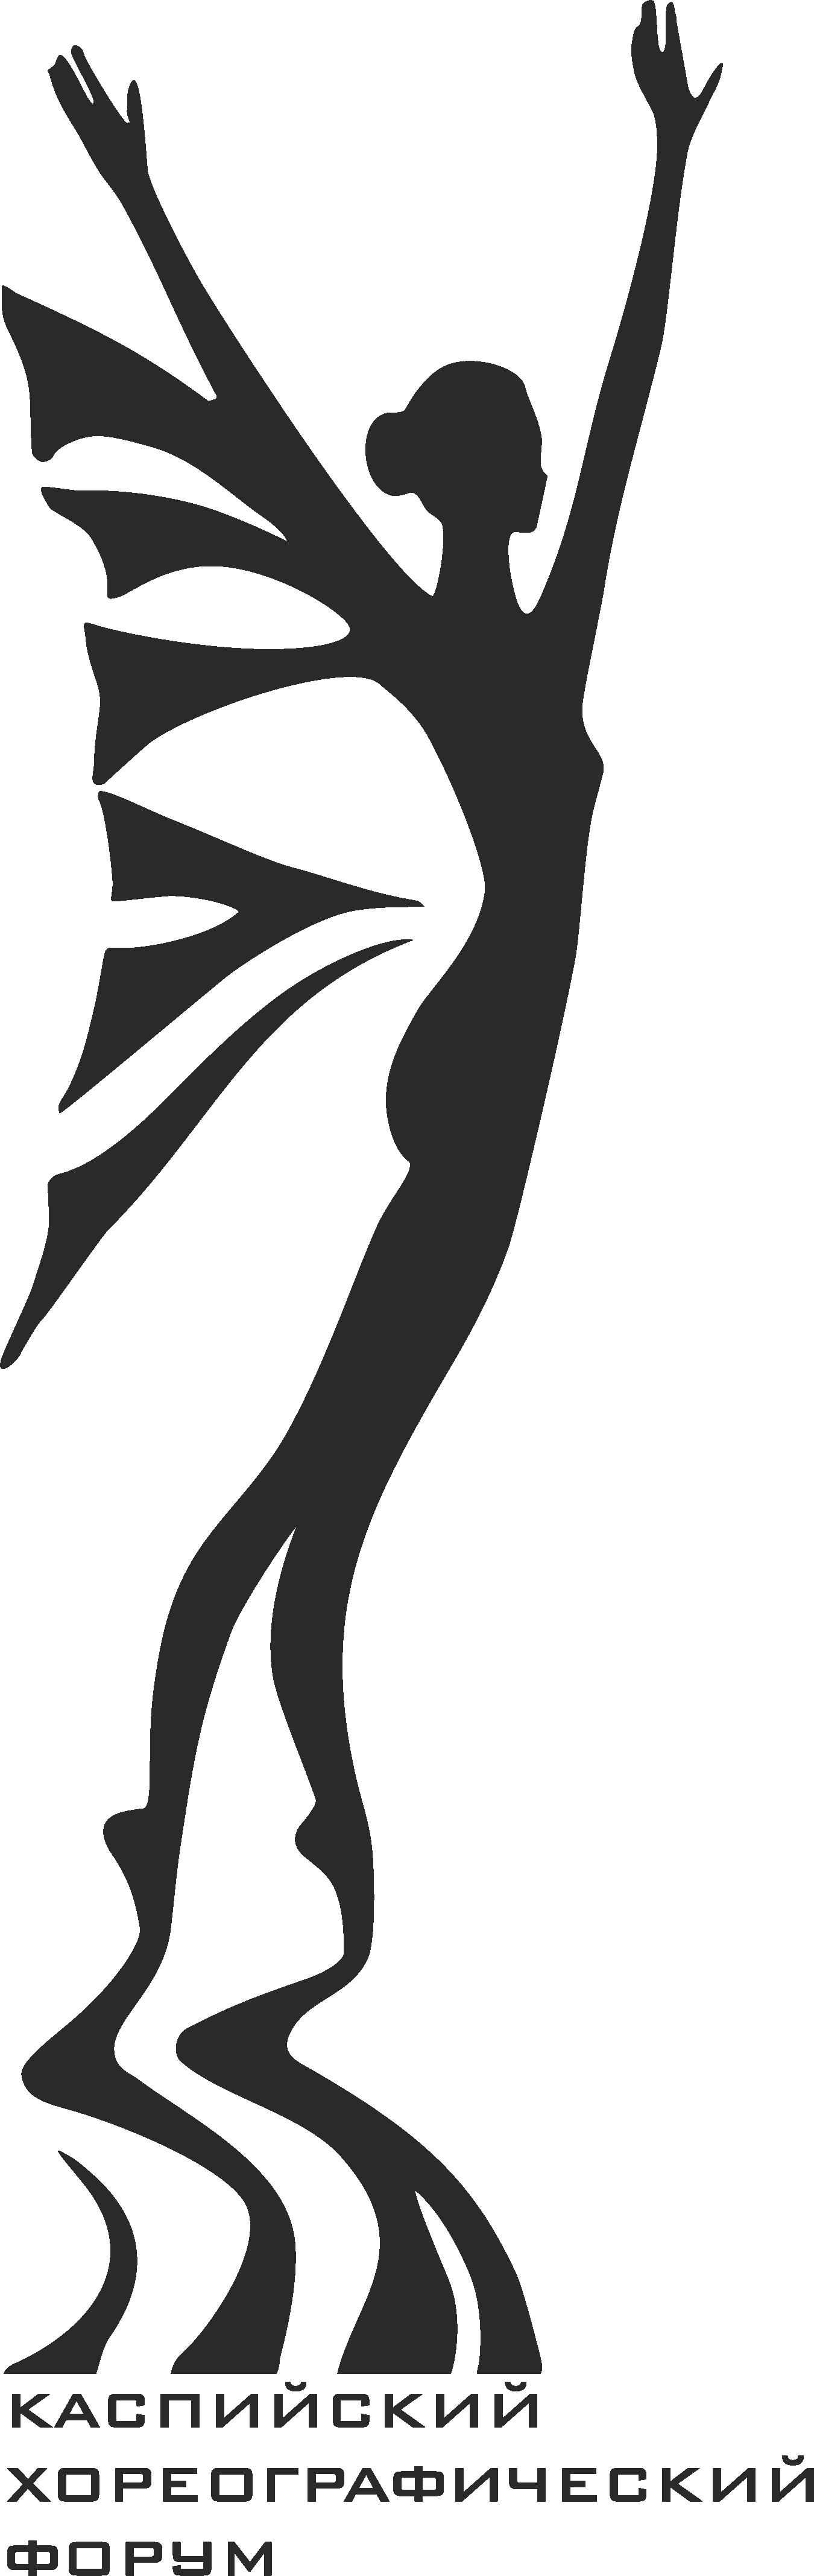 Первый Международный хореографический форум «День балета на Каспии» начнёт свою работу через два дня